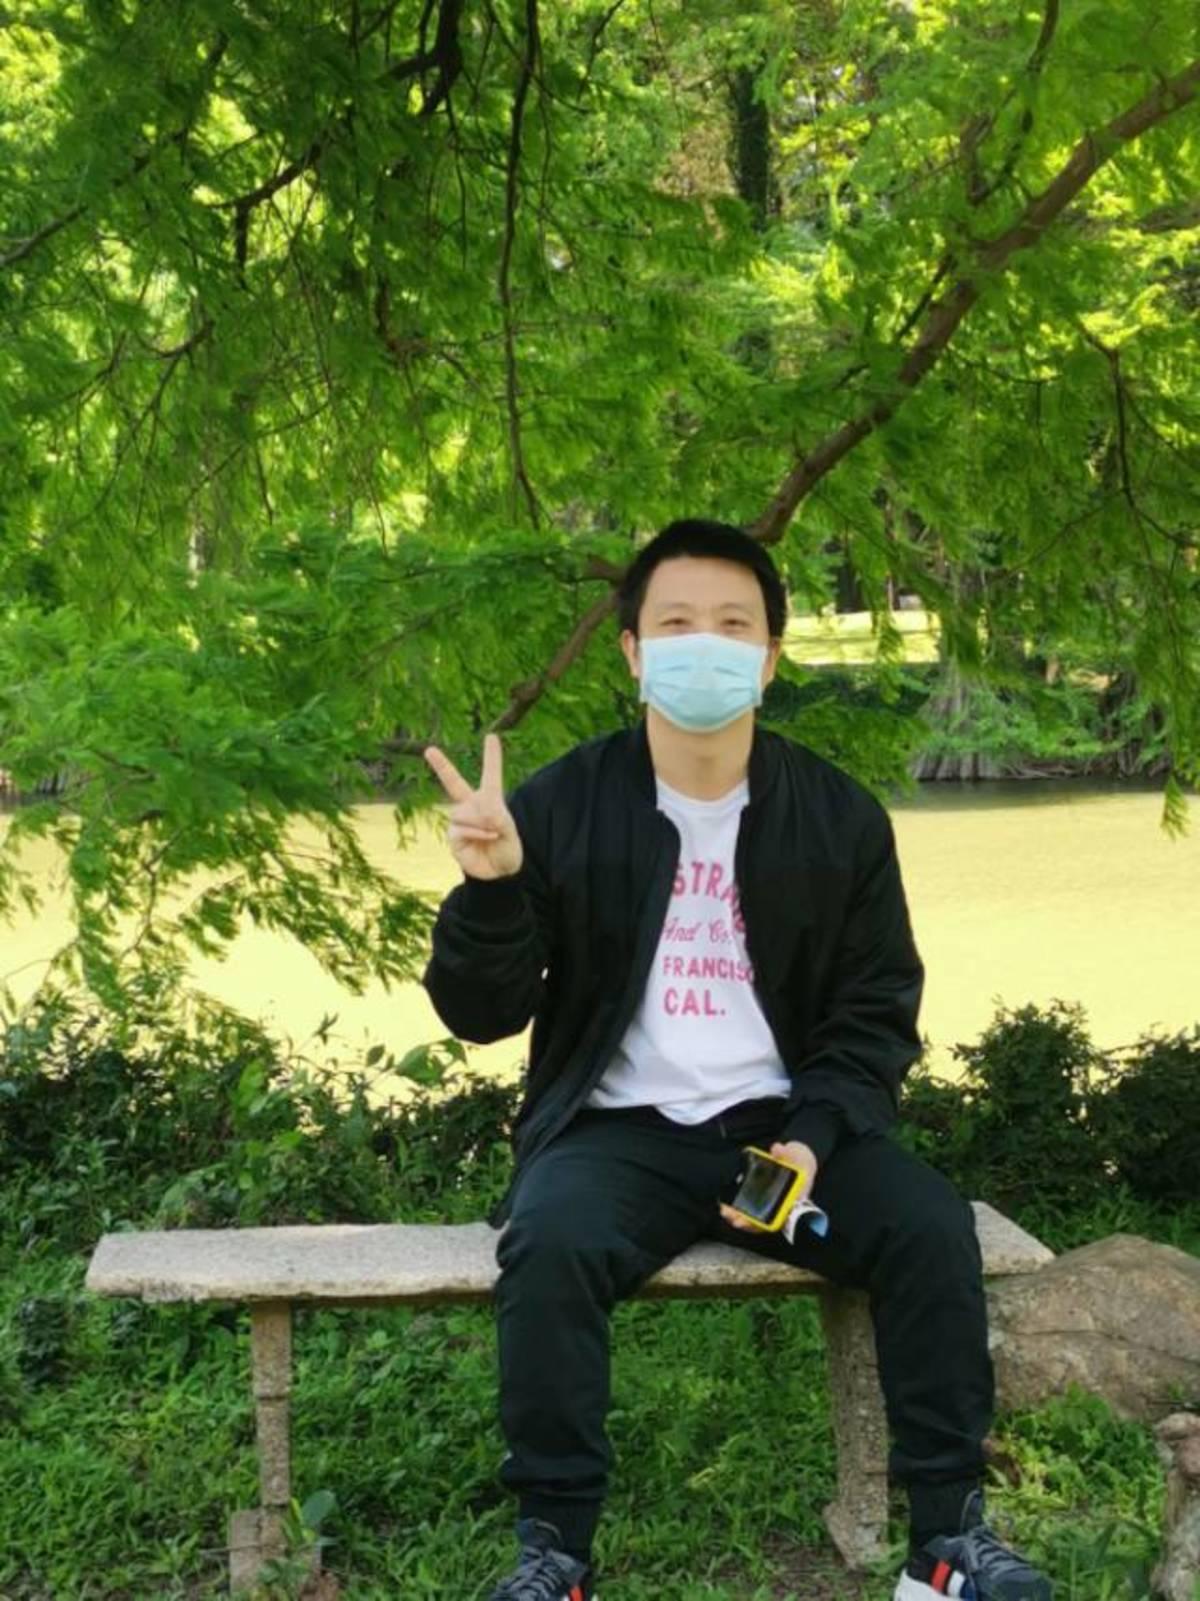 爸爸妈妈带多多和姐姐去华南植物园玩,爸爸还把华为手机给我拍照,那多多就拍一下爸爸妈妈。yeah!